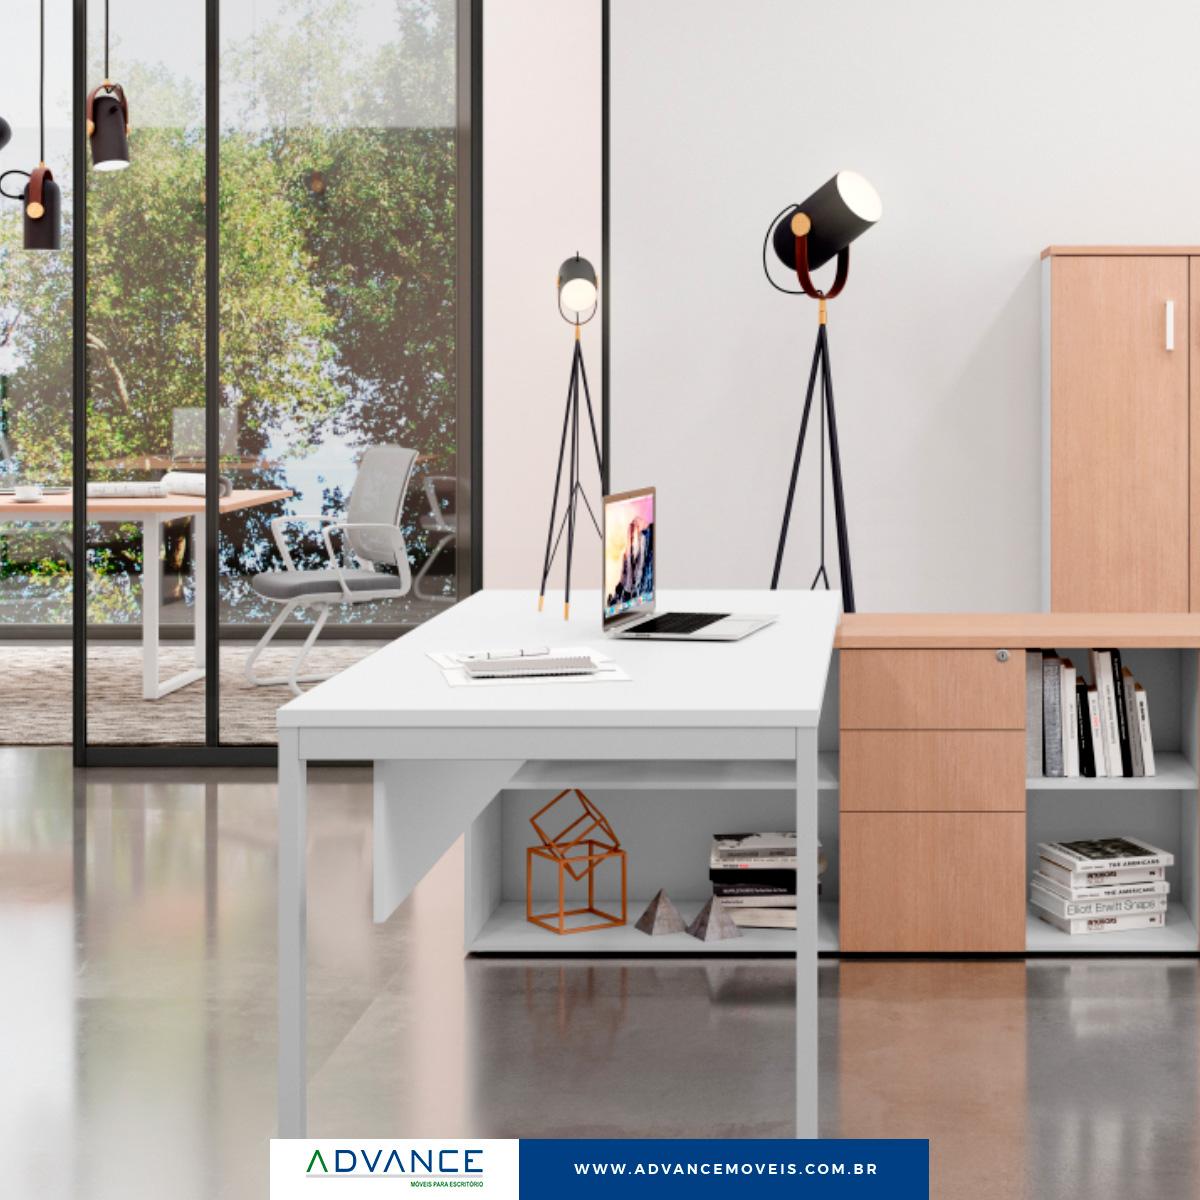 Não importa se você trabalha em casa, vários cuidados são necessários no seu escritório!